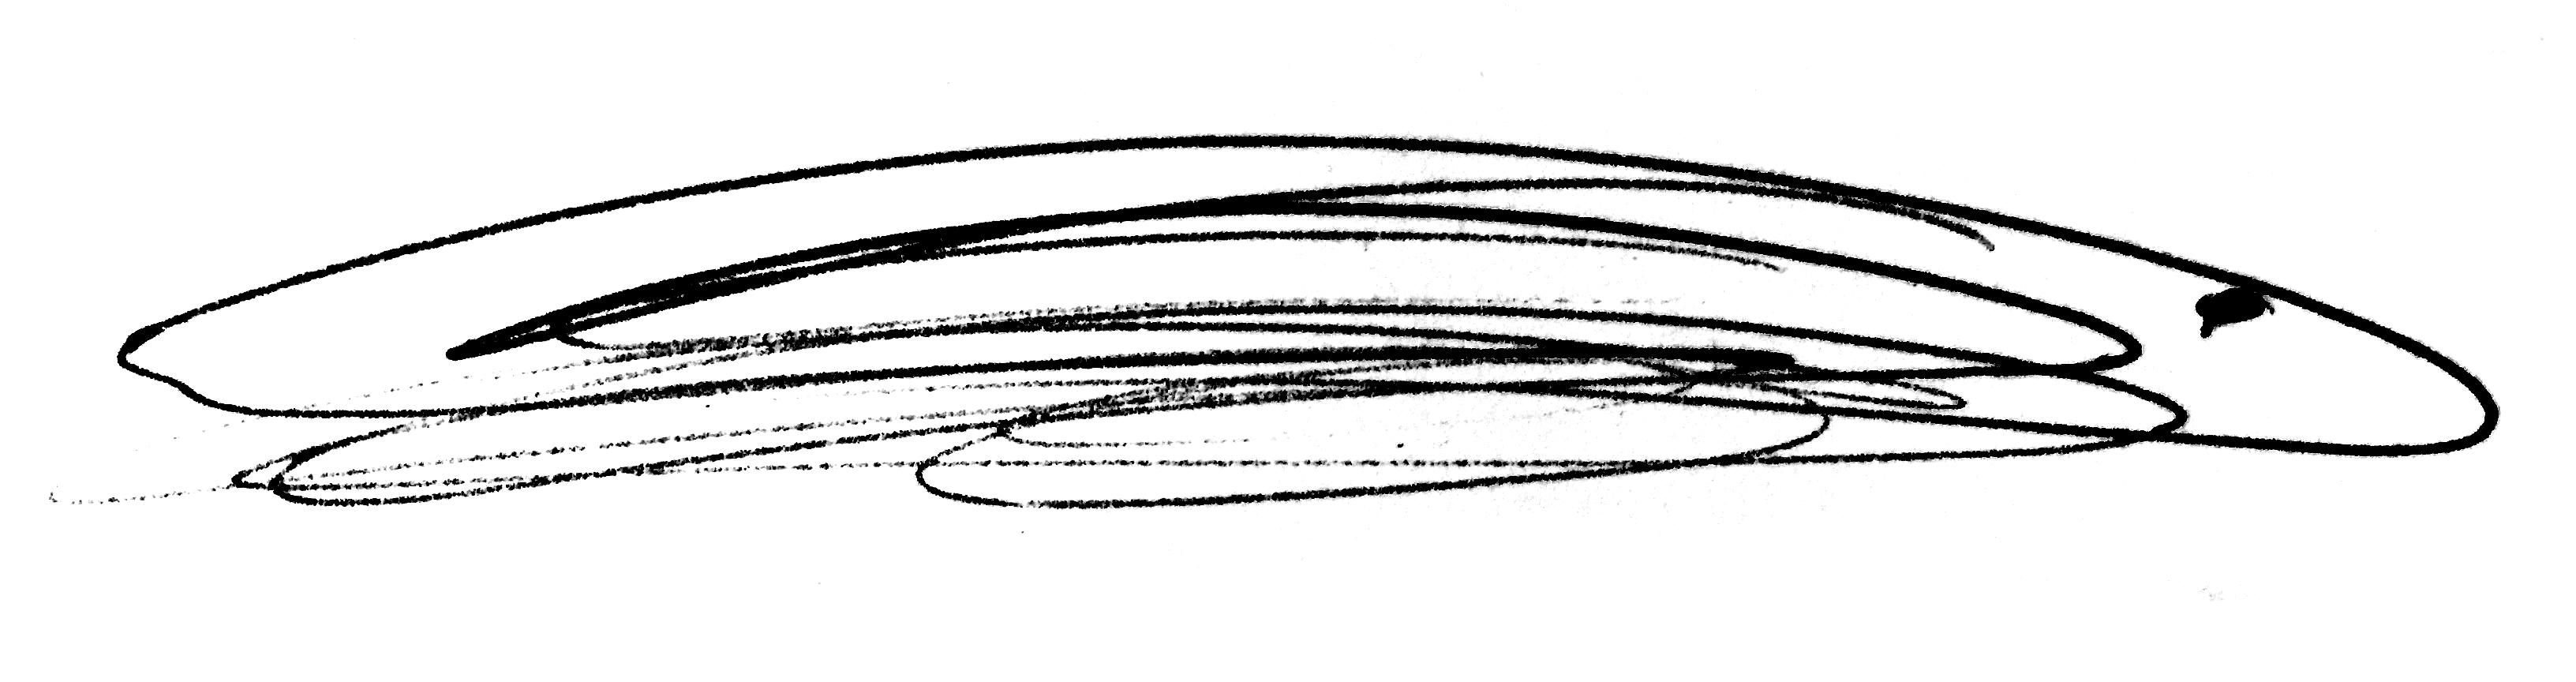 sqcui6art澍泉藝廊's Signature